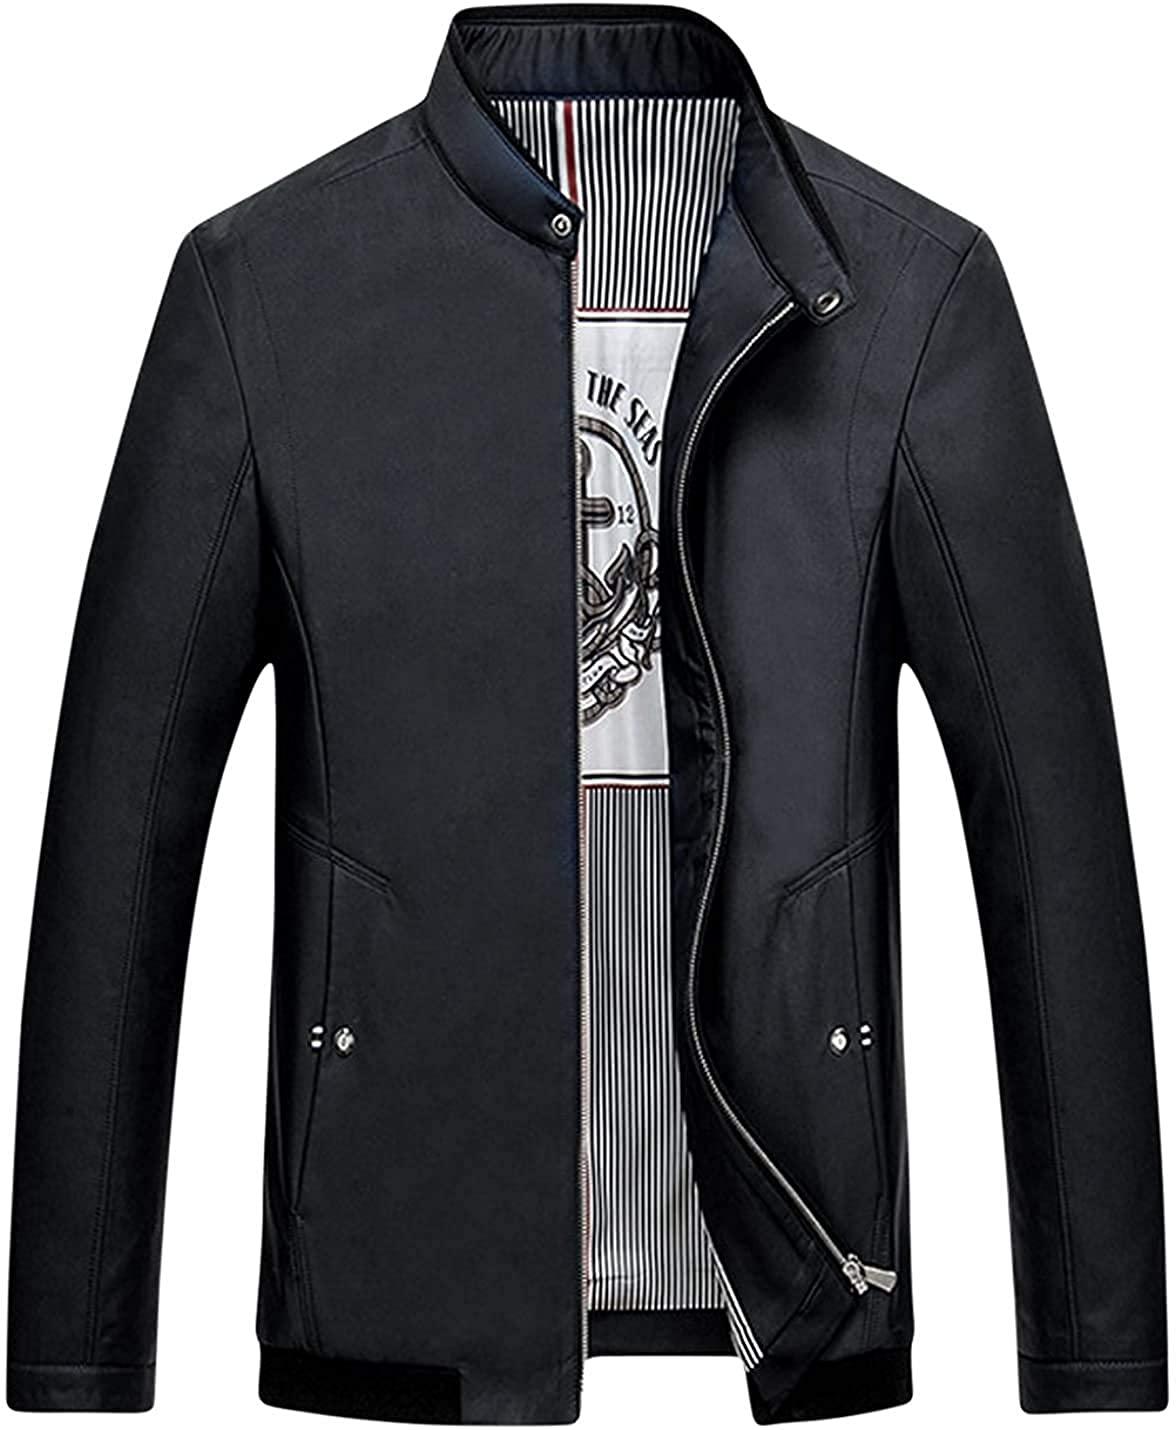 Xudcufyhu Men's Fashion Zipper Long Sleeve Outerwear Jacket Coats